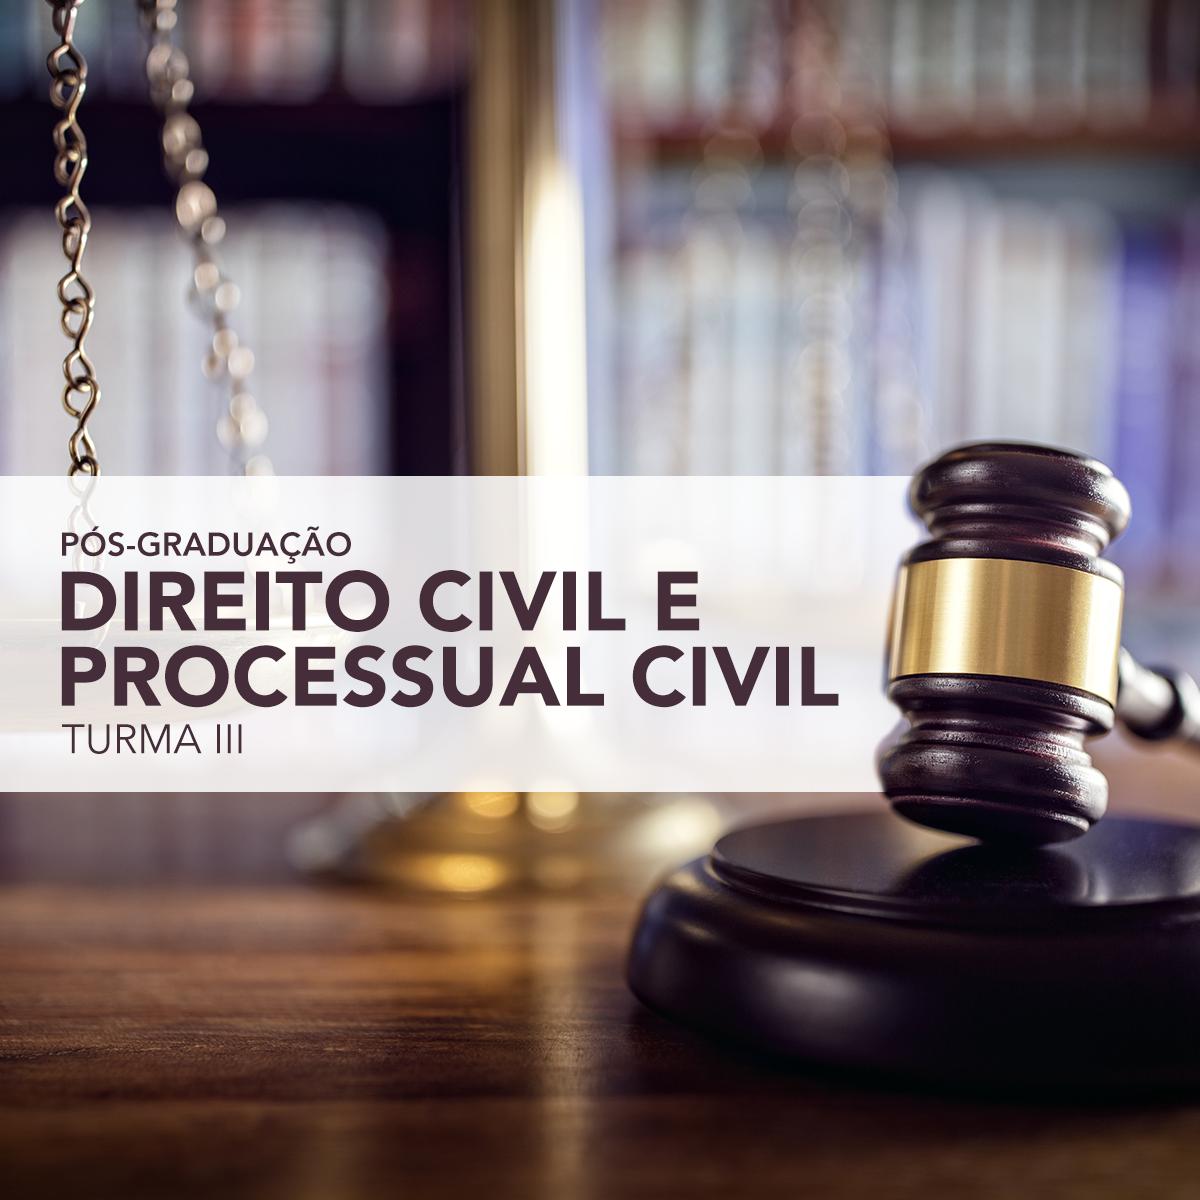 Pós-Graduação em Direito Civil e Processual Civil da Fasam - Faculdade Sul-Americana